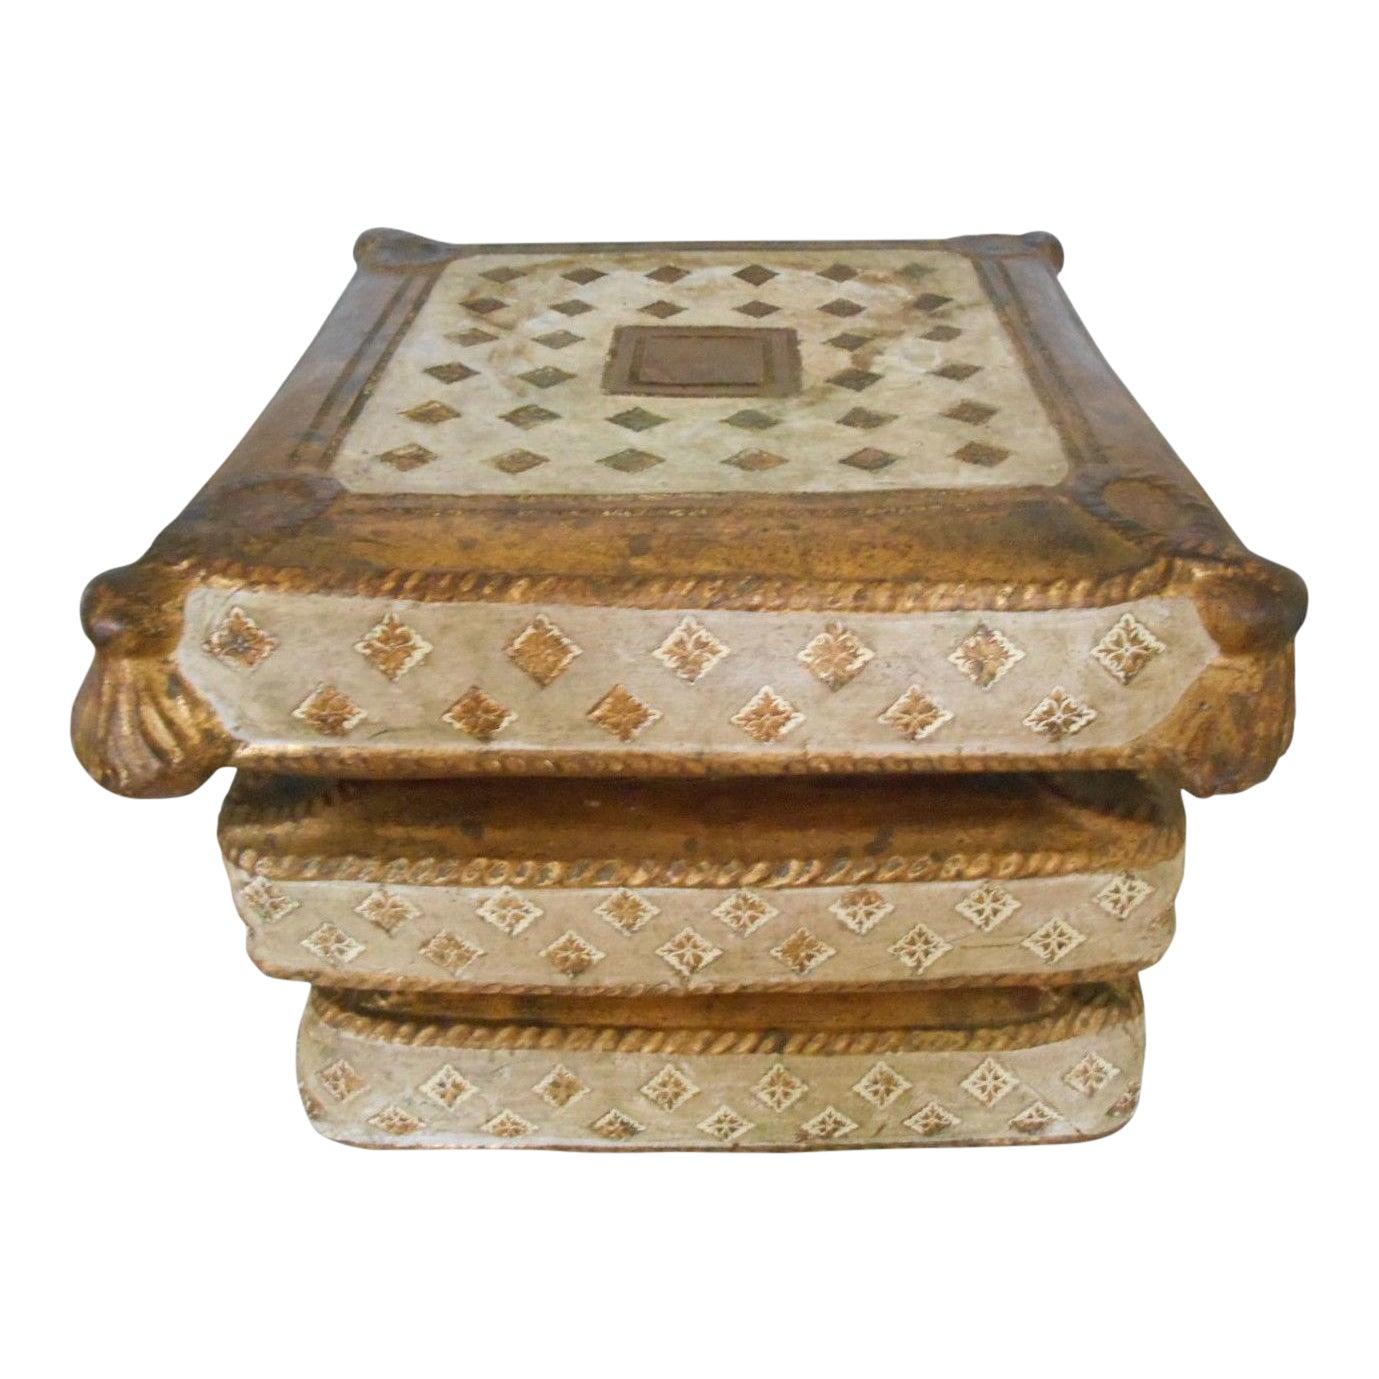 Vintage Italian Pillow Books Garden Stool Seat   Chairish